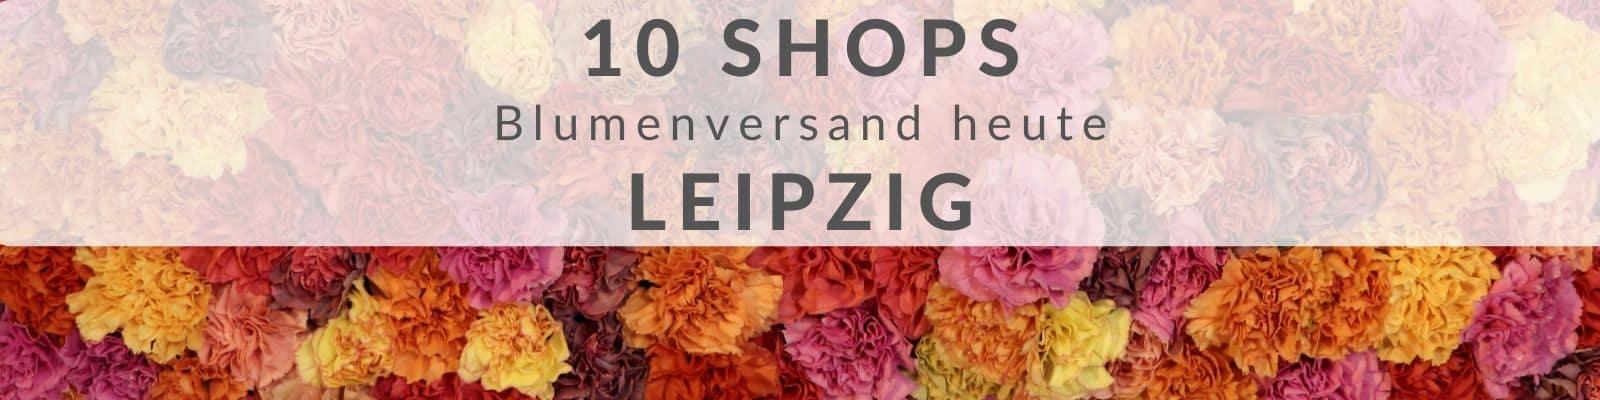 Blumen verschicken Leipzig Online heute